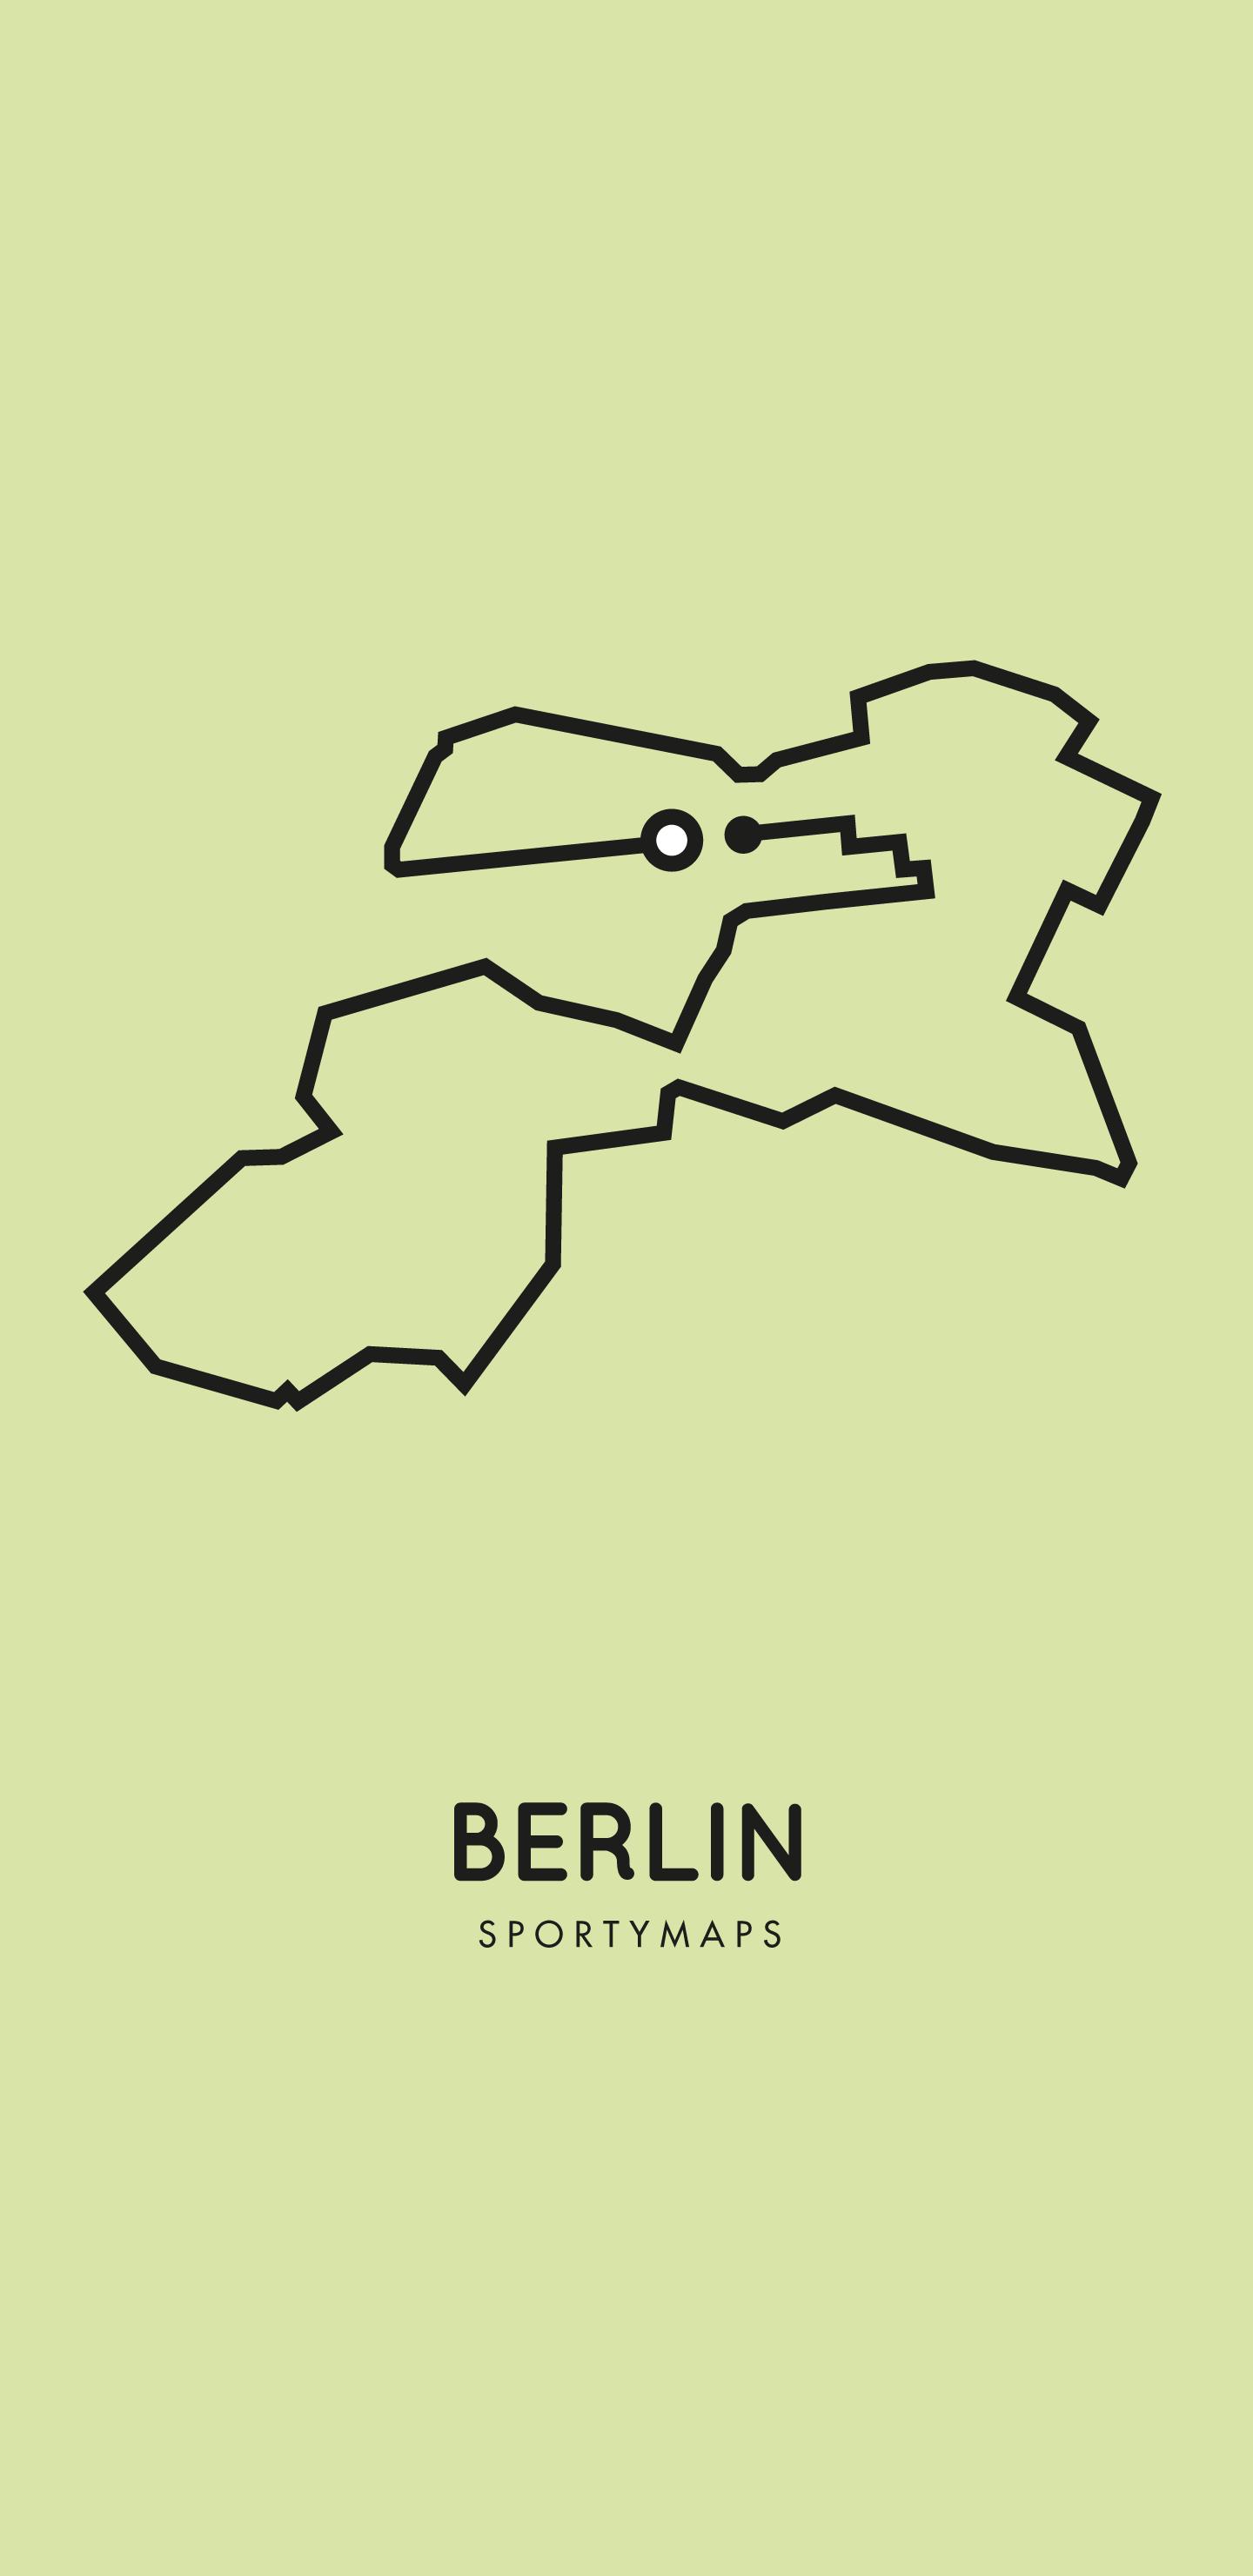 Sportymaps-Berlin-marathon-green